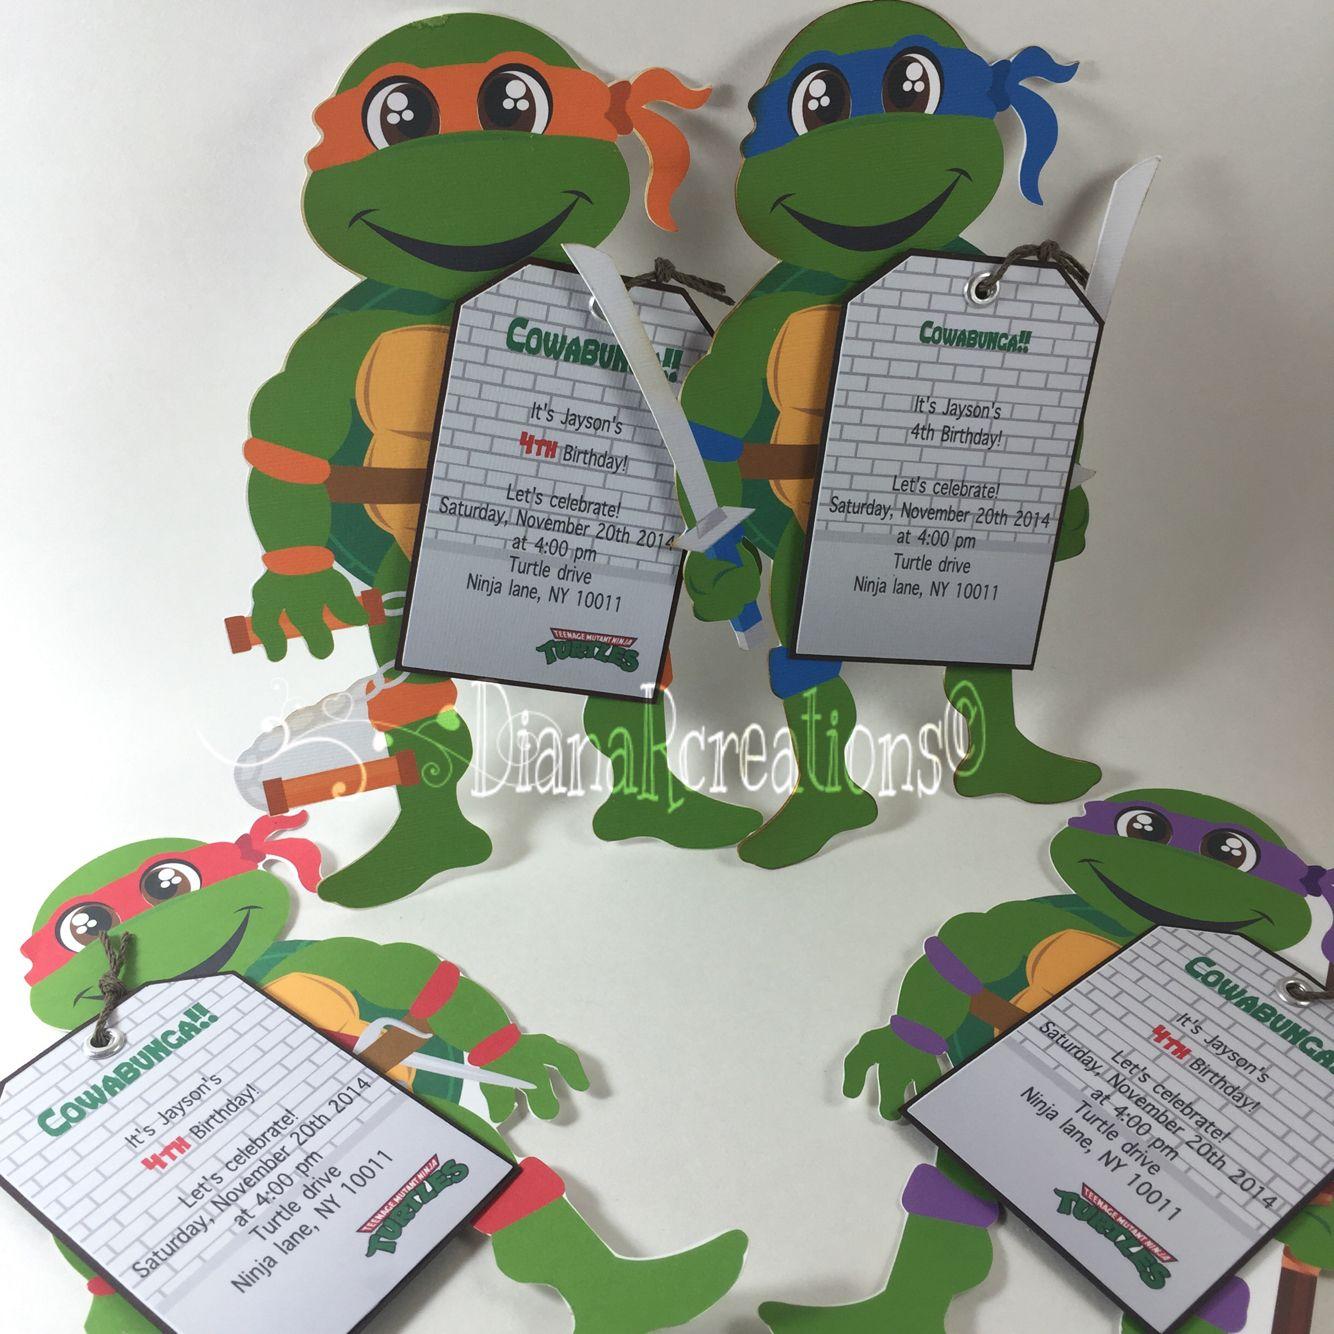 Ninja Turtle birthday invitations! Simple but cute ...